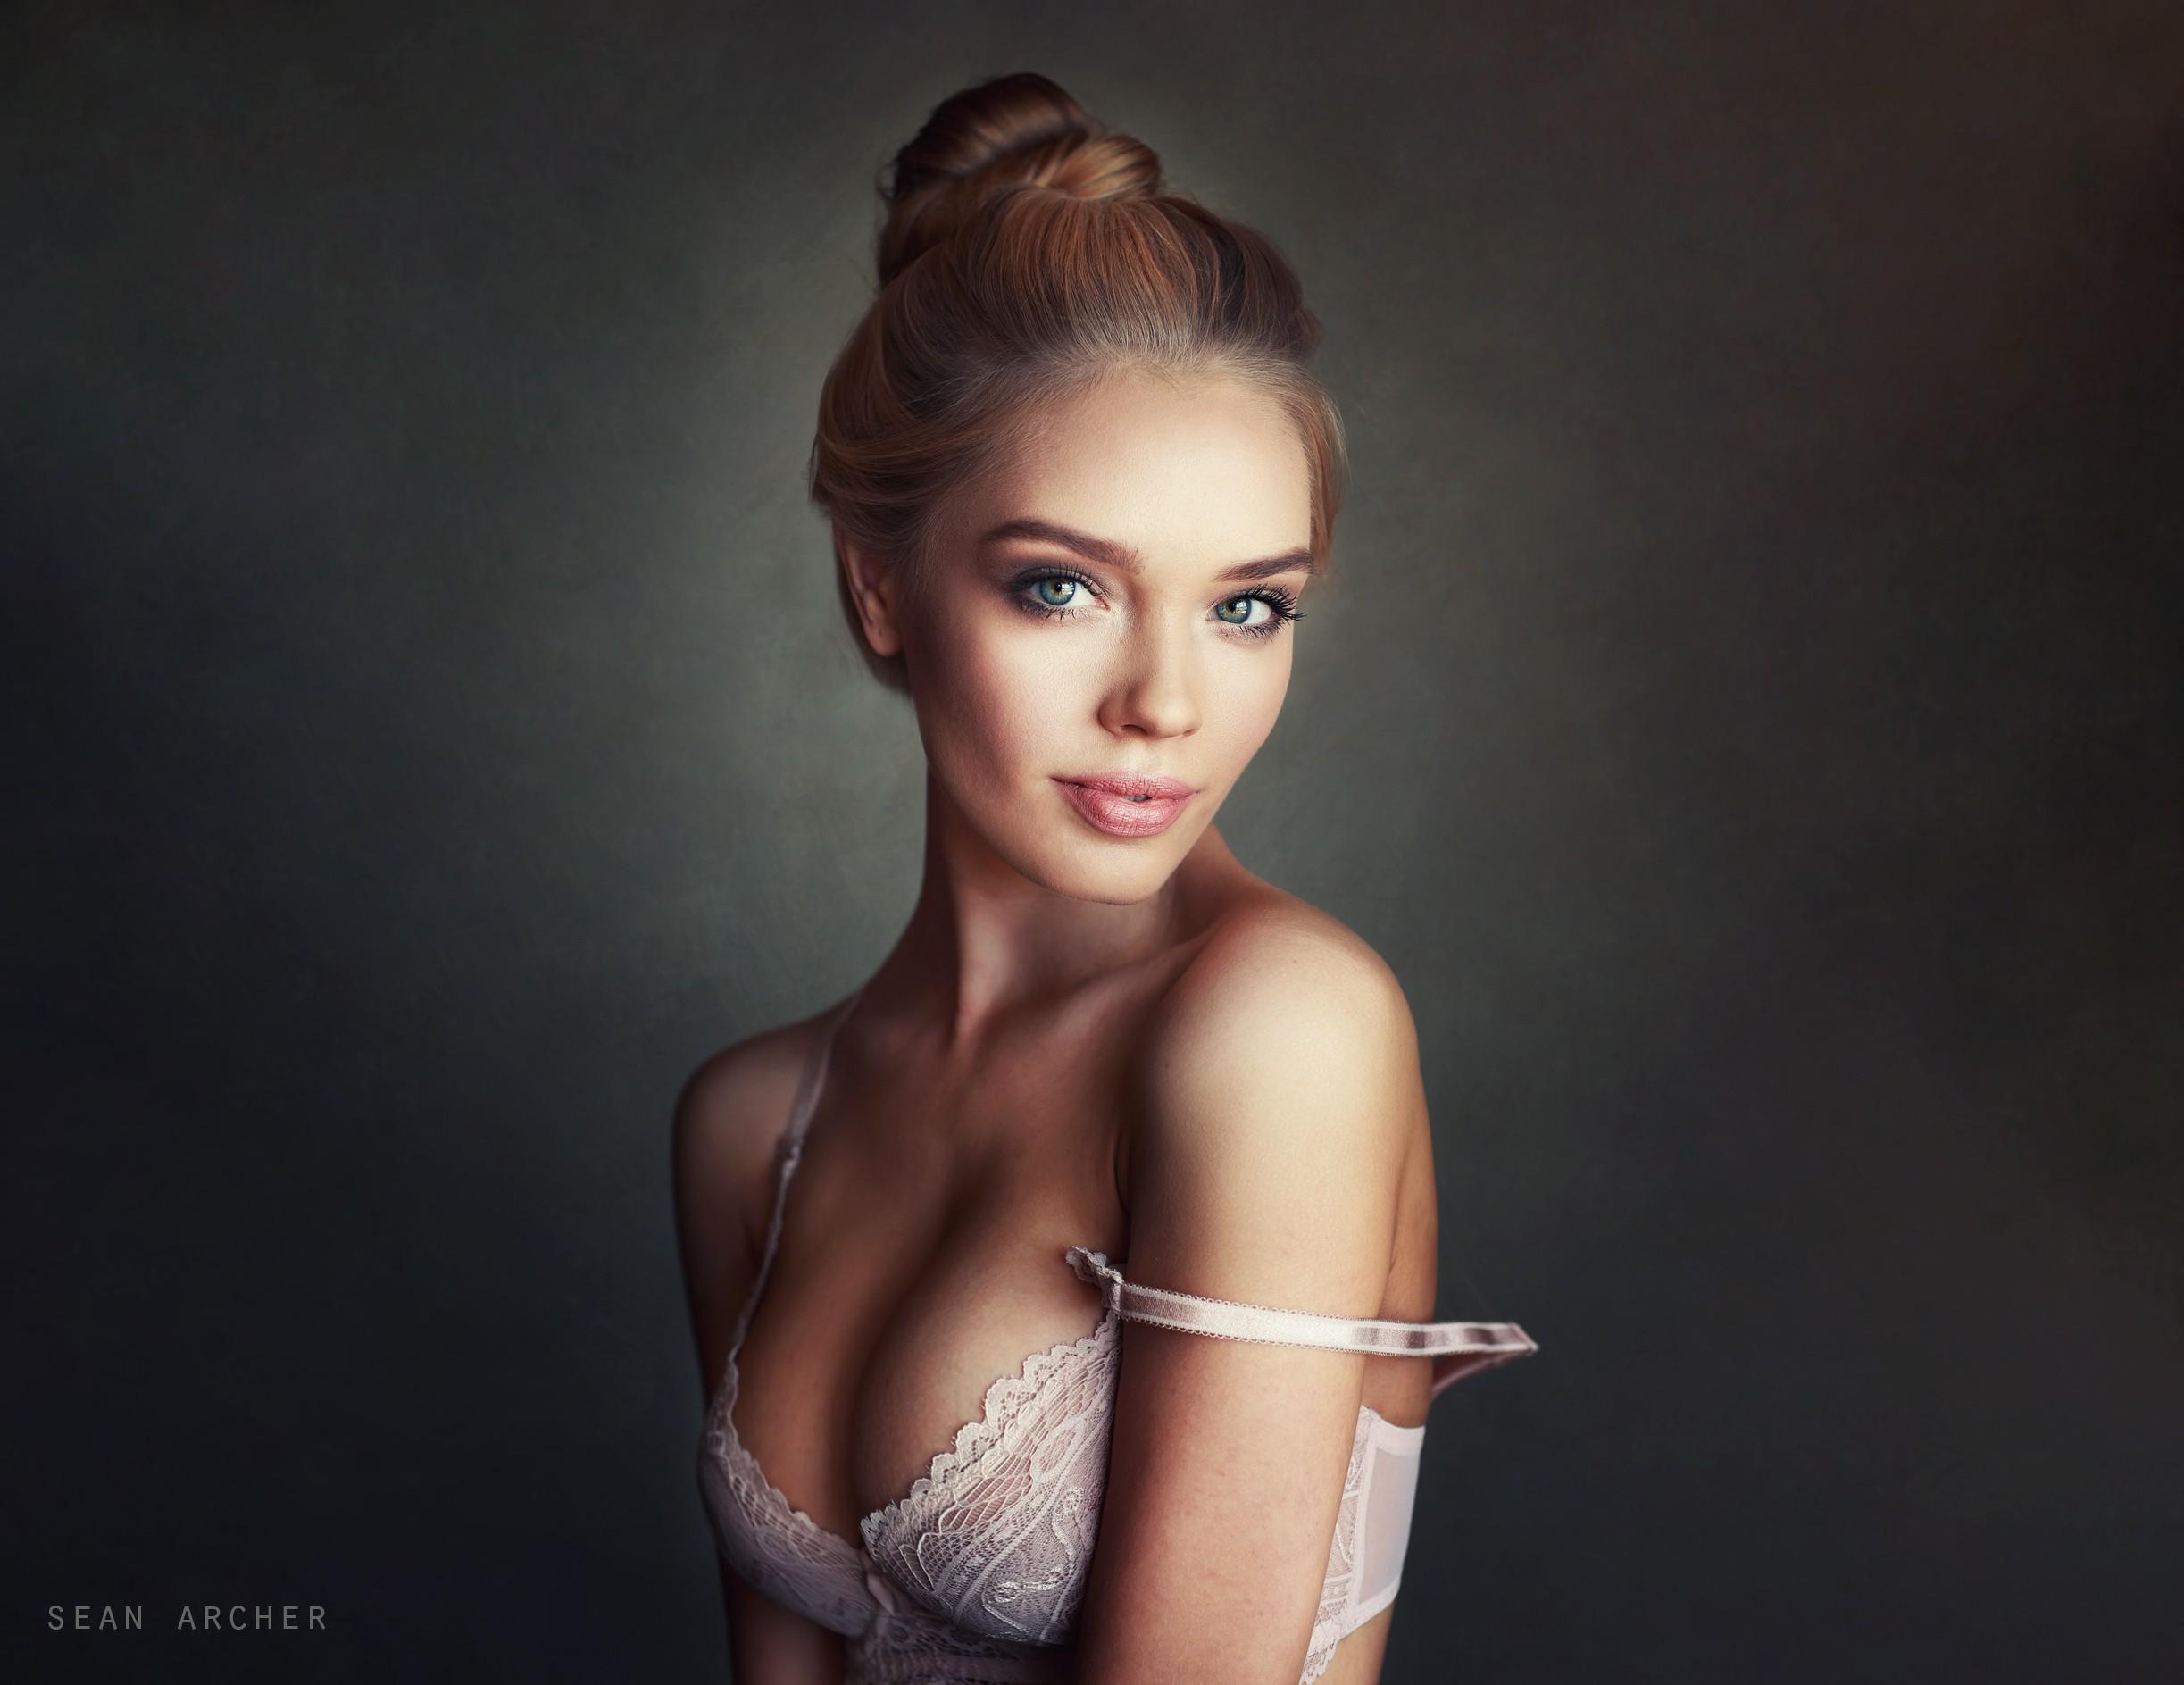 Портрет Обнаженной Девушки Фото